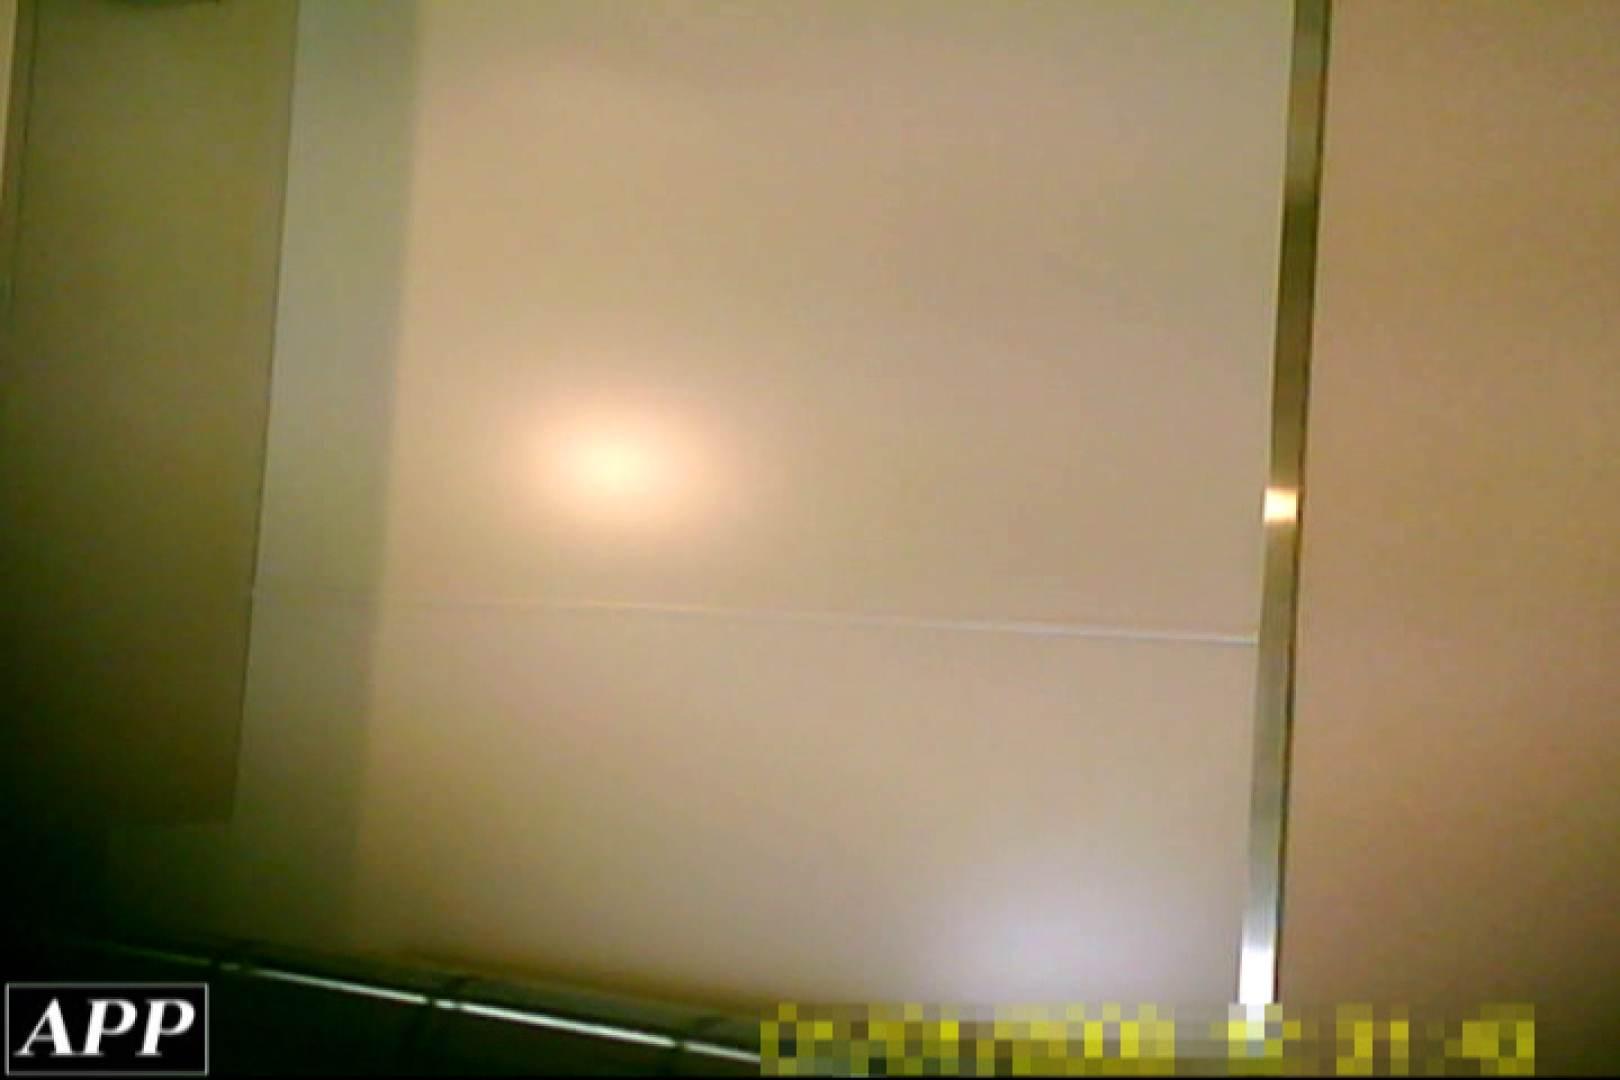 3視点洗面所 vol.44 盗撮映像  110Pix 31